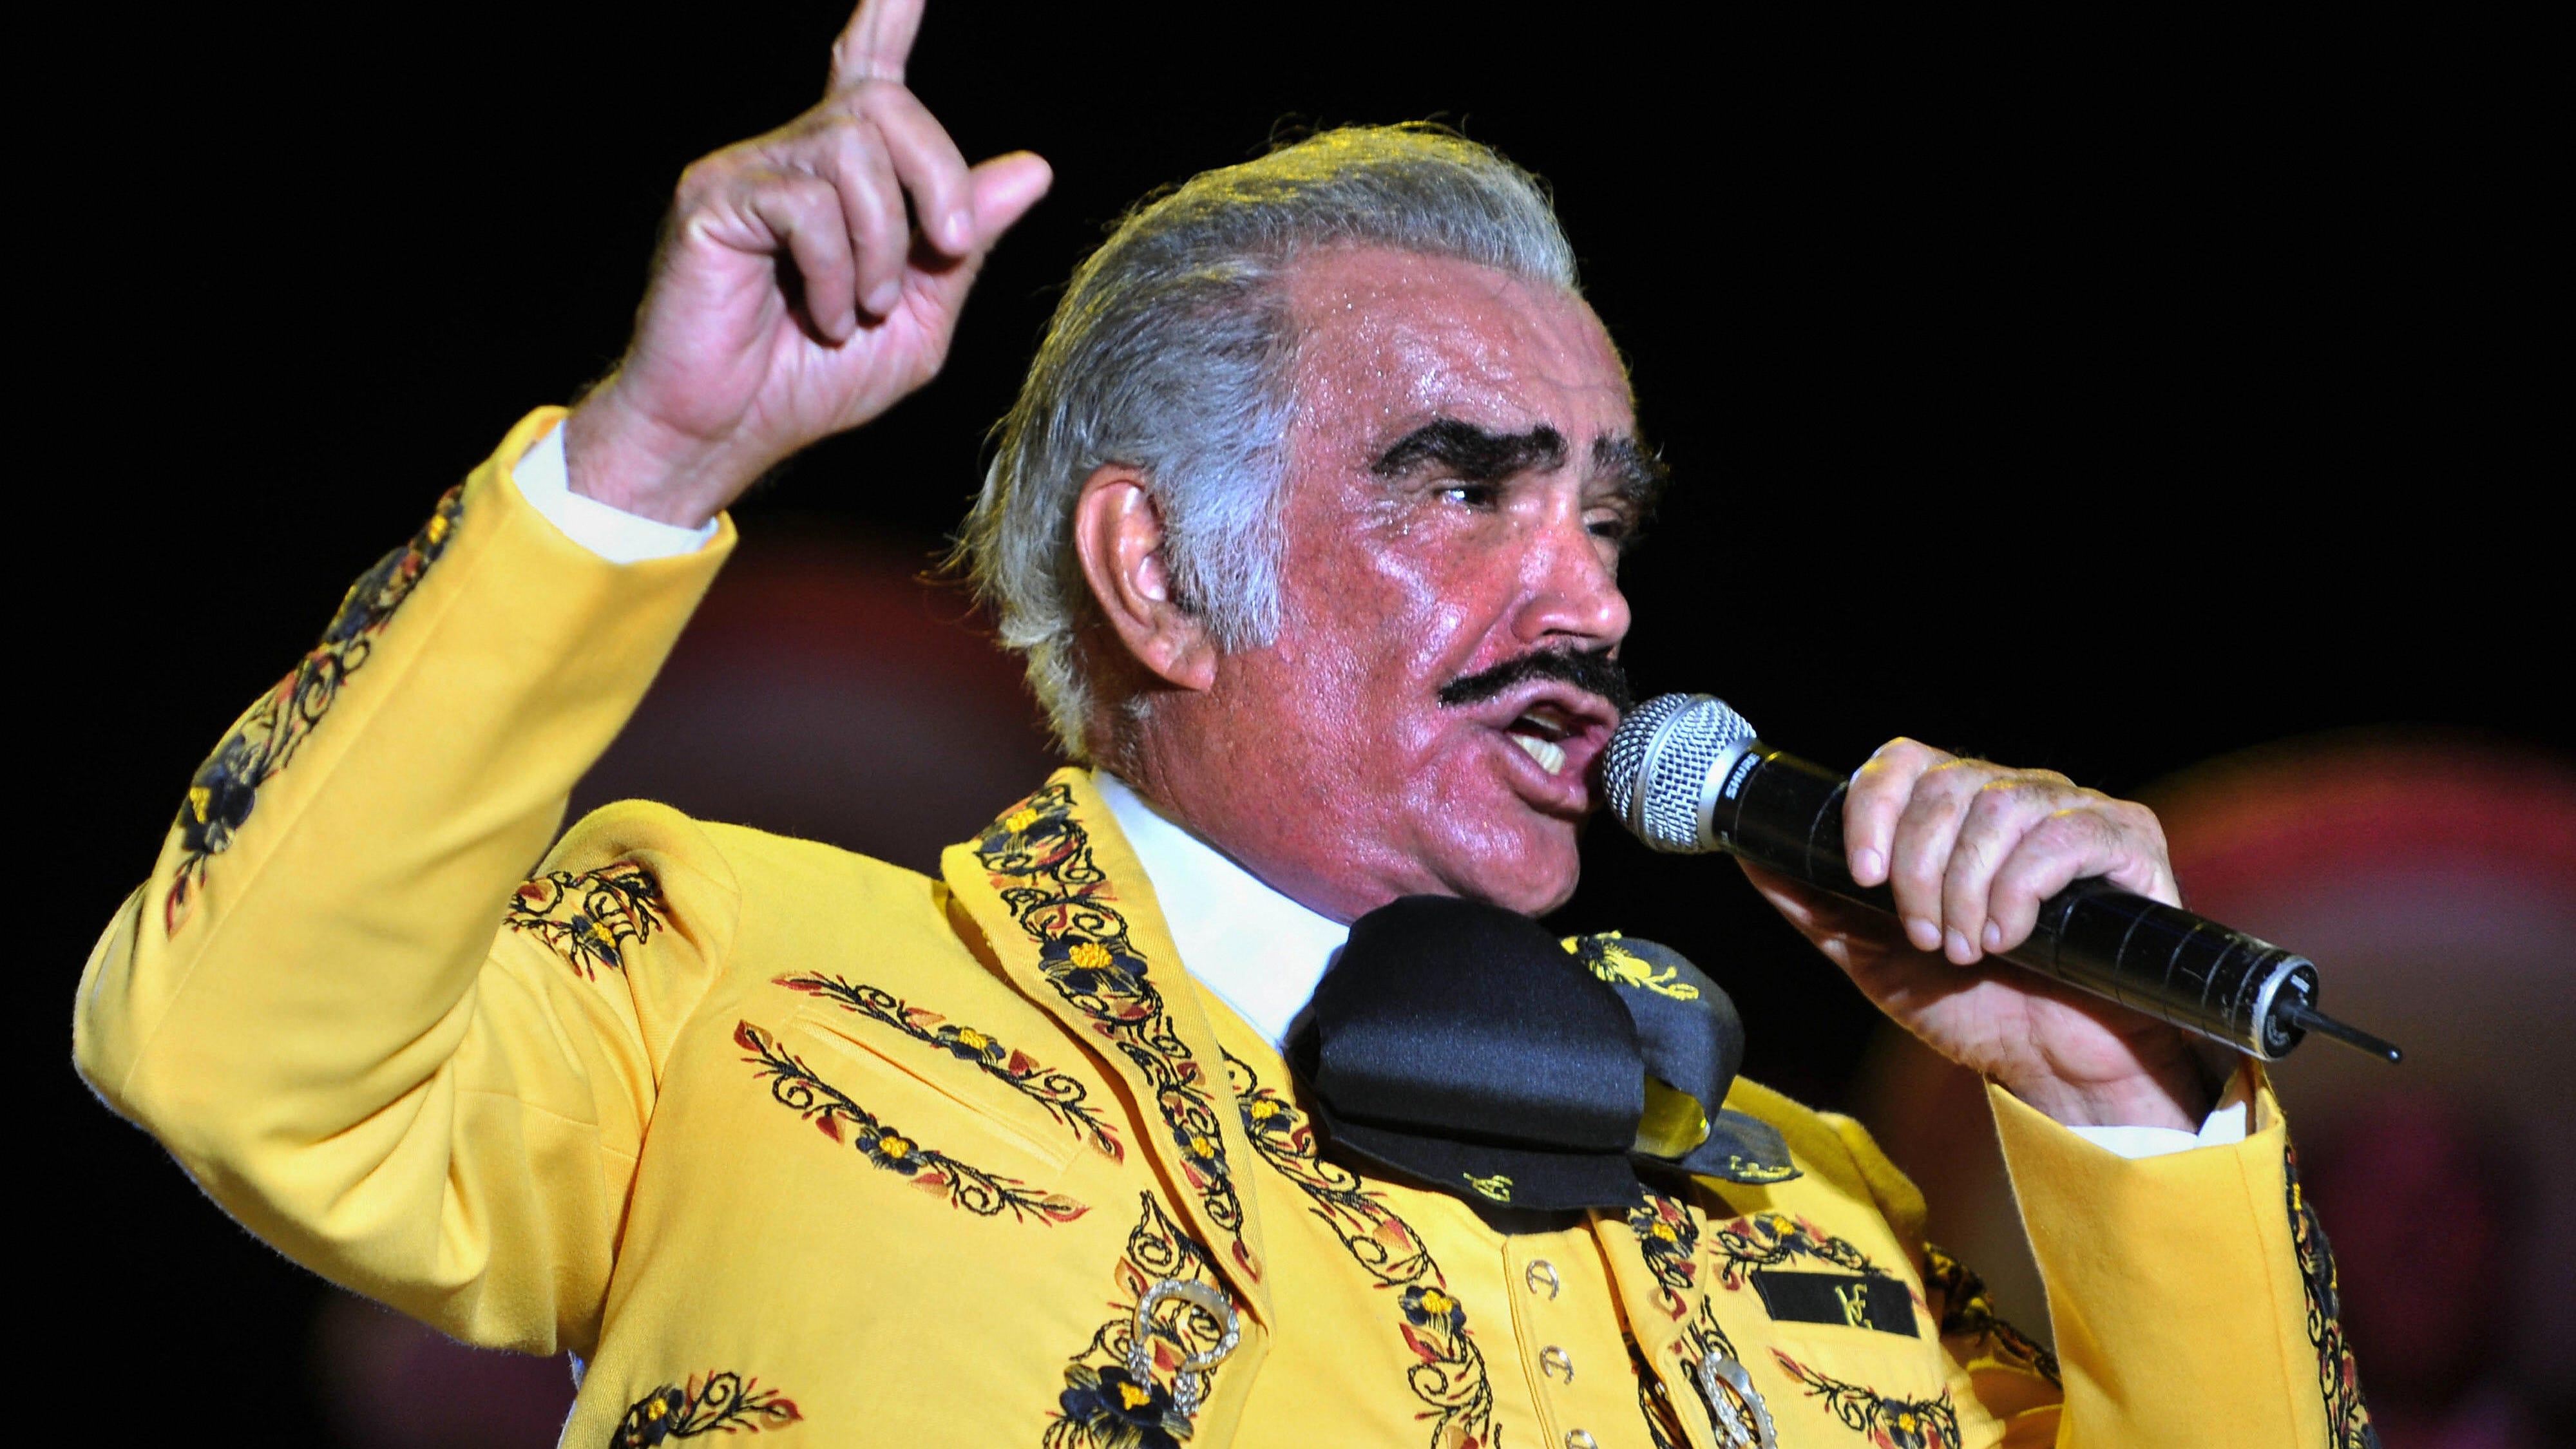 Vicente Fernandez se presenta durante su show el 20 de febrero de 2009, en Cali, departamento del Valle del Cauca, Colombia.